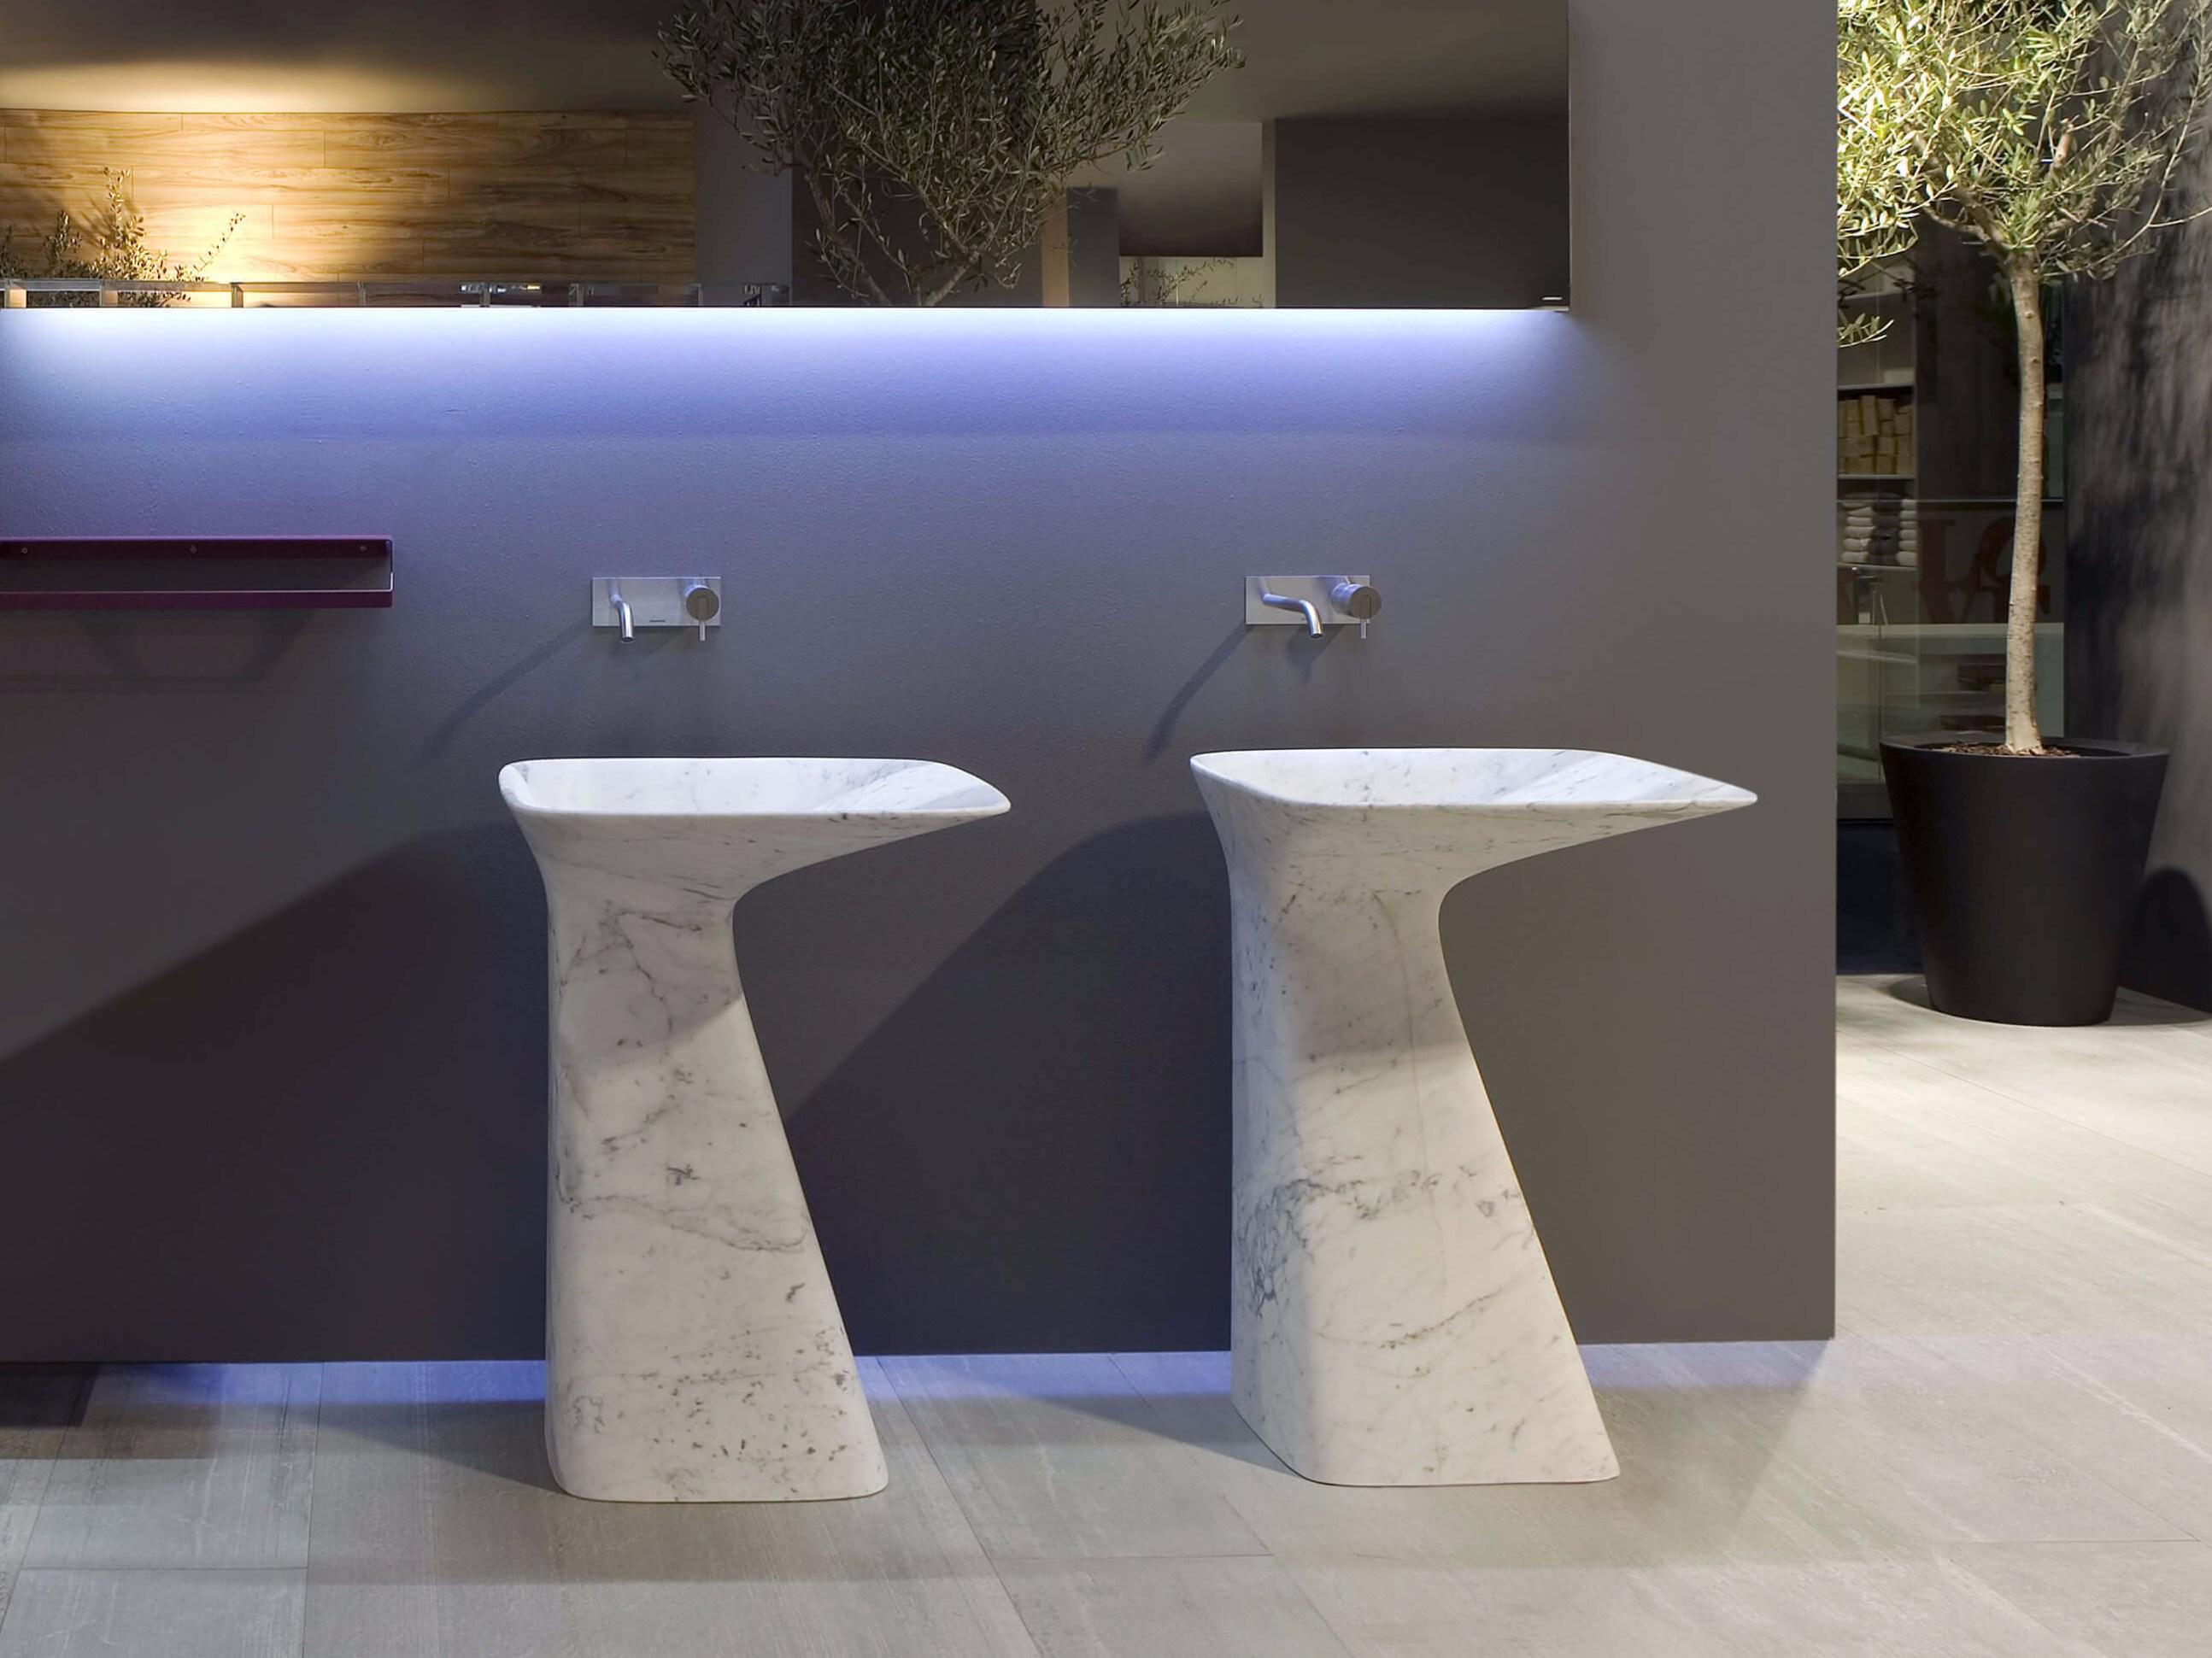 بالصور ديكورات مغاسل يدين , مغاسل يدين جميلة ومودرن 3942 13